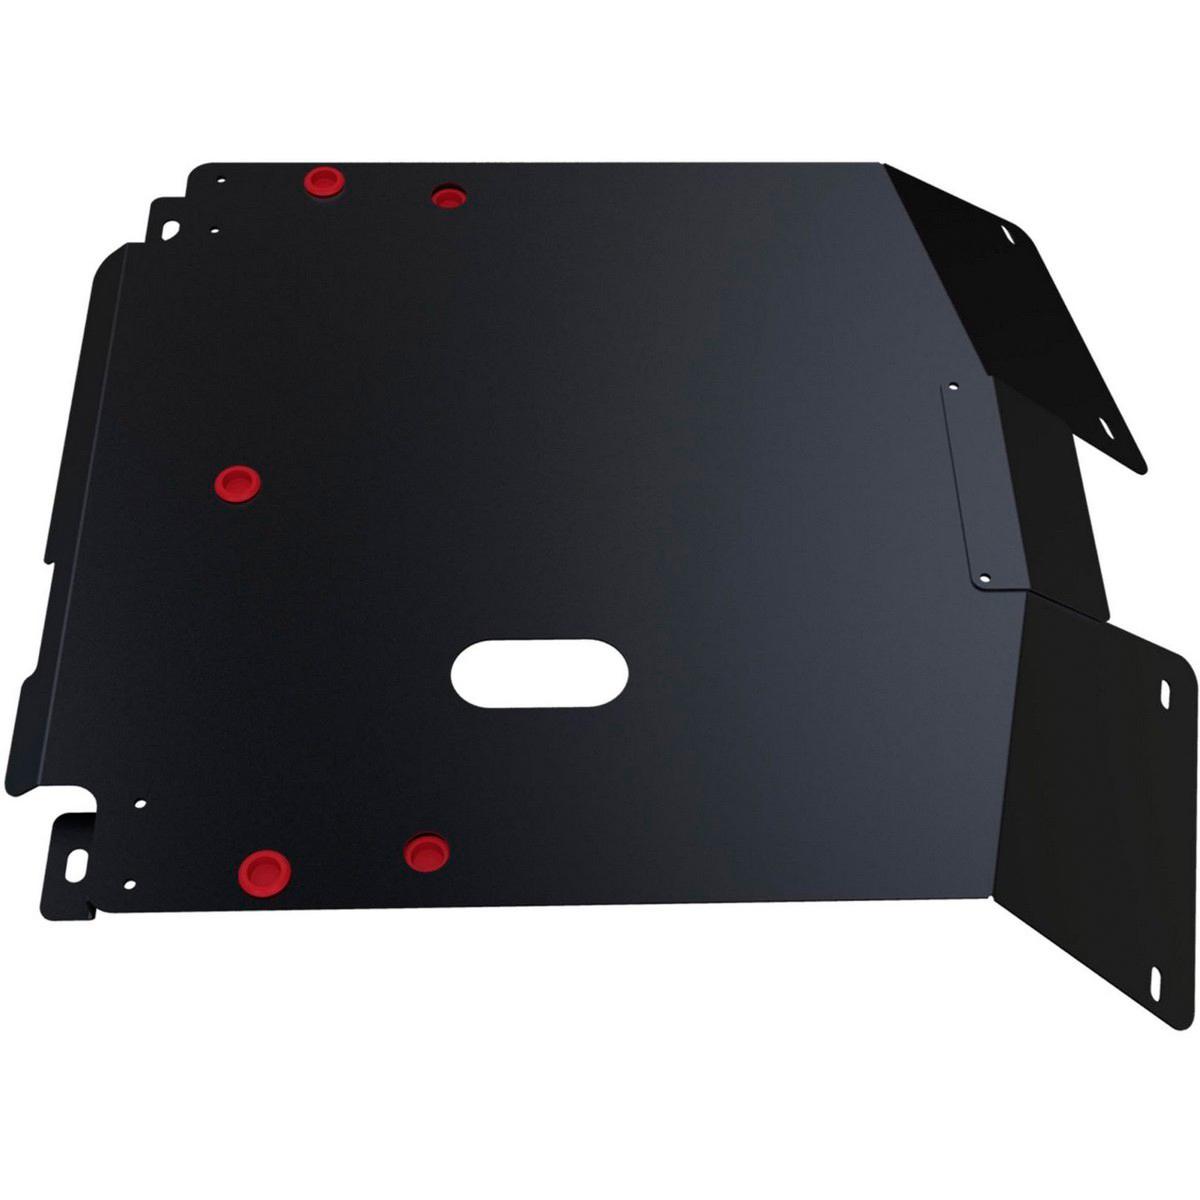 Защита картера и КПП Автоброня Honda HR-V 1998-2005, сталь 2 мм111.02112.1Защита картера и КПП Автоброня Honda HR-V, V - 1,6 1998-2005, сталь 2 мм, комплект крепежа, 111.02112.1Стальные защиты Автоброня надежно защищают ваш автомобиль от повреждений при наезде на бордюры, выступающие канализационные люки, кромки поврежденного асфальта или при ремонте дорог, не говоря уже о загородных дорогах. - Имеют оптимальное соотношение цена-качество. - Спроектированы с учетом особенностей автомобиля, что делает установку удобной. - Защита устанавливается в штатные места кузова автомобиля. - Является надежной защитой для важных элементов на протяжении долгих лет. - Глубокий штамп дополнительно усиливает конструкцию защиты. - Подштамповка в местах крепления защищает крепеж от срезания. - Технологические отверстия там, где они необходимы для смены масла и слива воды, оборудованные заглушками, закрепленными на защите. Толщина стали 2 мм. В комплекте крепеж и инструкция по установке.Уважаемые клиенты! Обращаем ваше внимание на тот факт, что защита имеет форму, соответствующую модели данного автомобиля. Наличие глубокого штампа и лючков для смены фильтров/масла предусмотрено не на всех защитах. Фото служит для визуального восприятия товара.